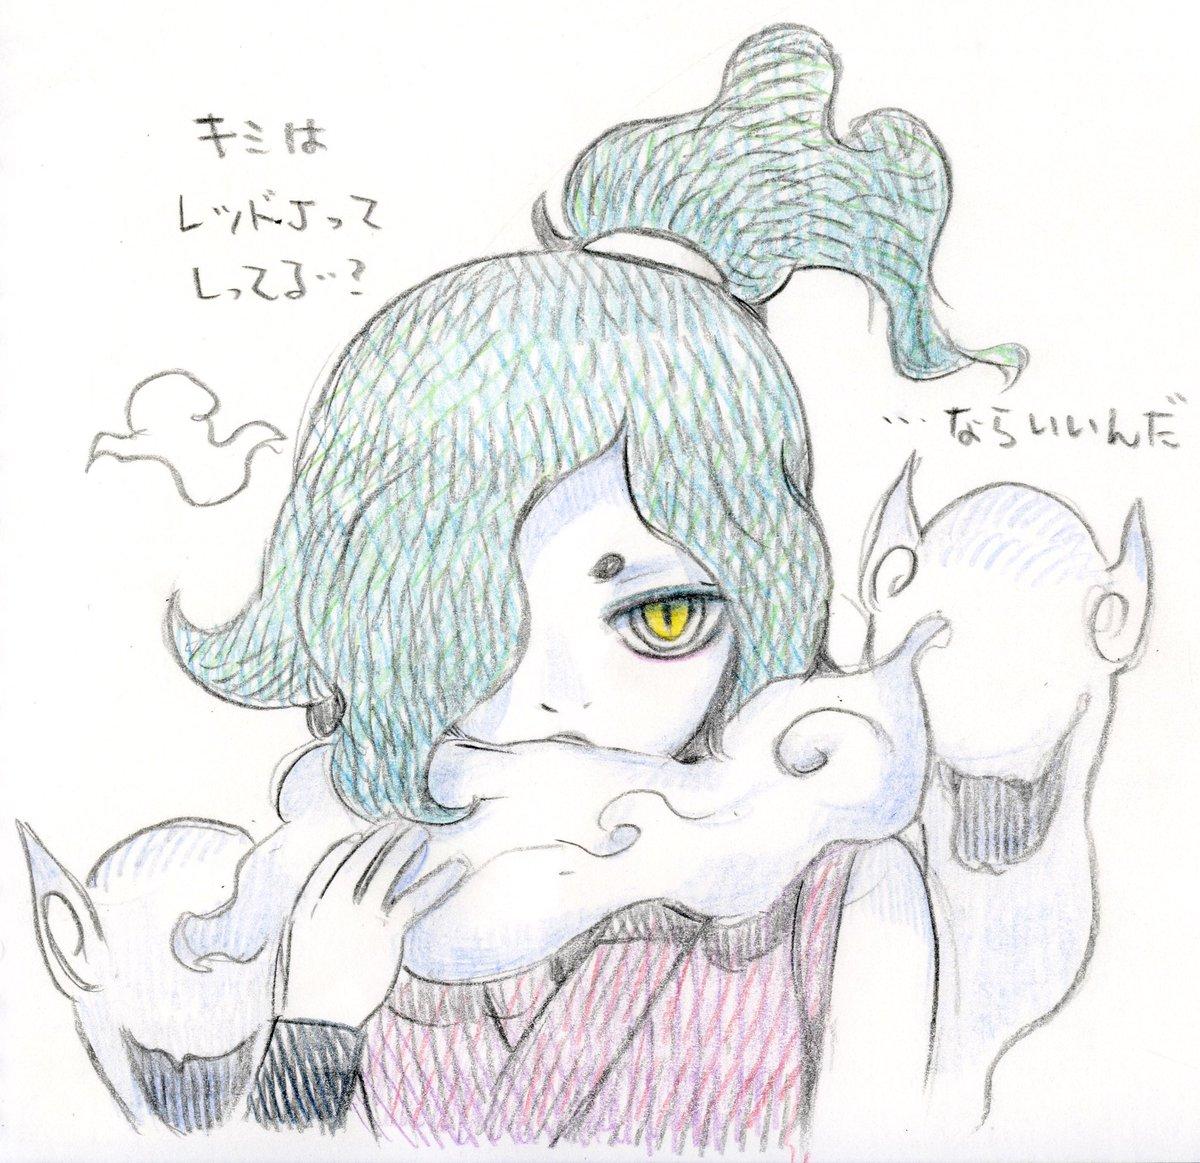 妖怪ウォッチから、オロチの落書きを描かせて頂きましたリクエスト下さった方ありがとうございました